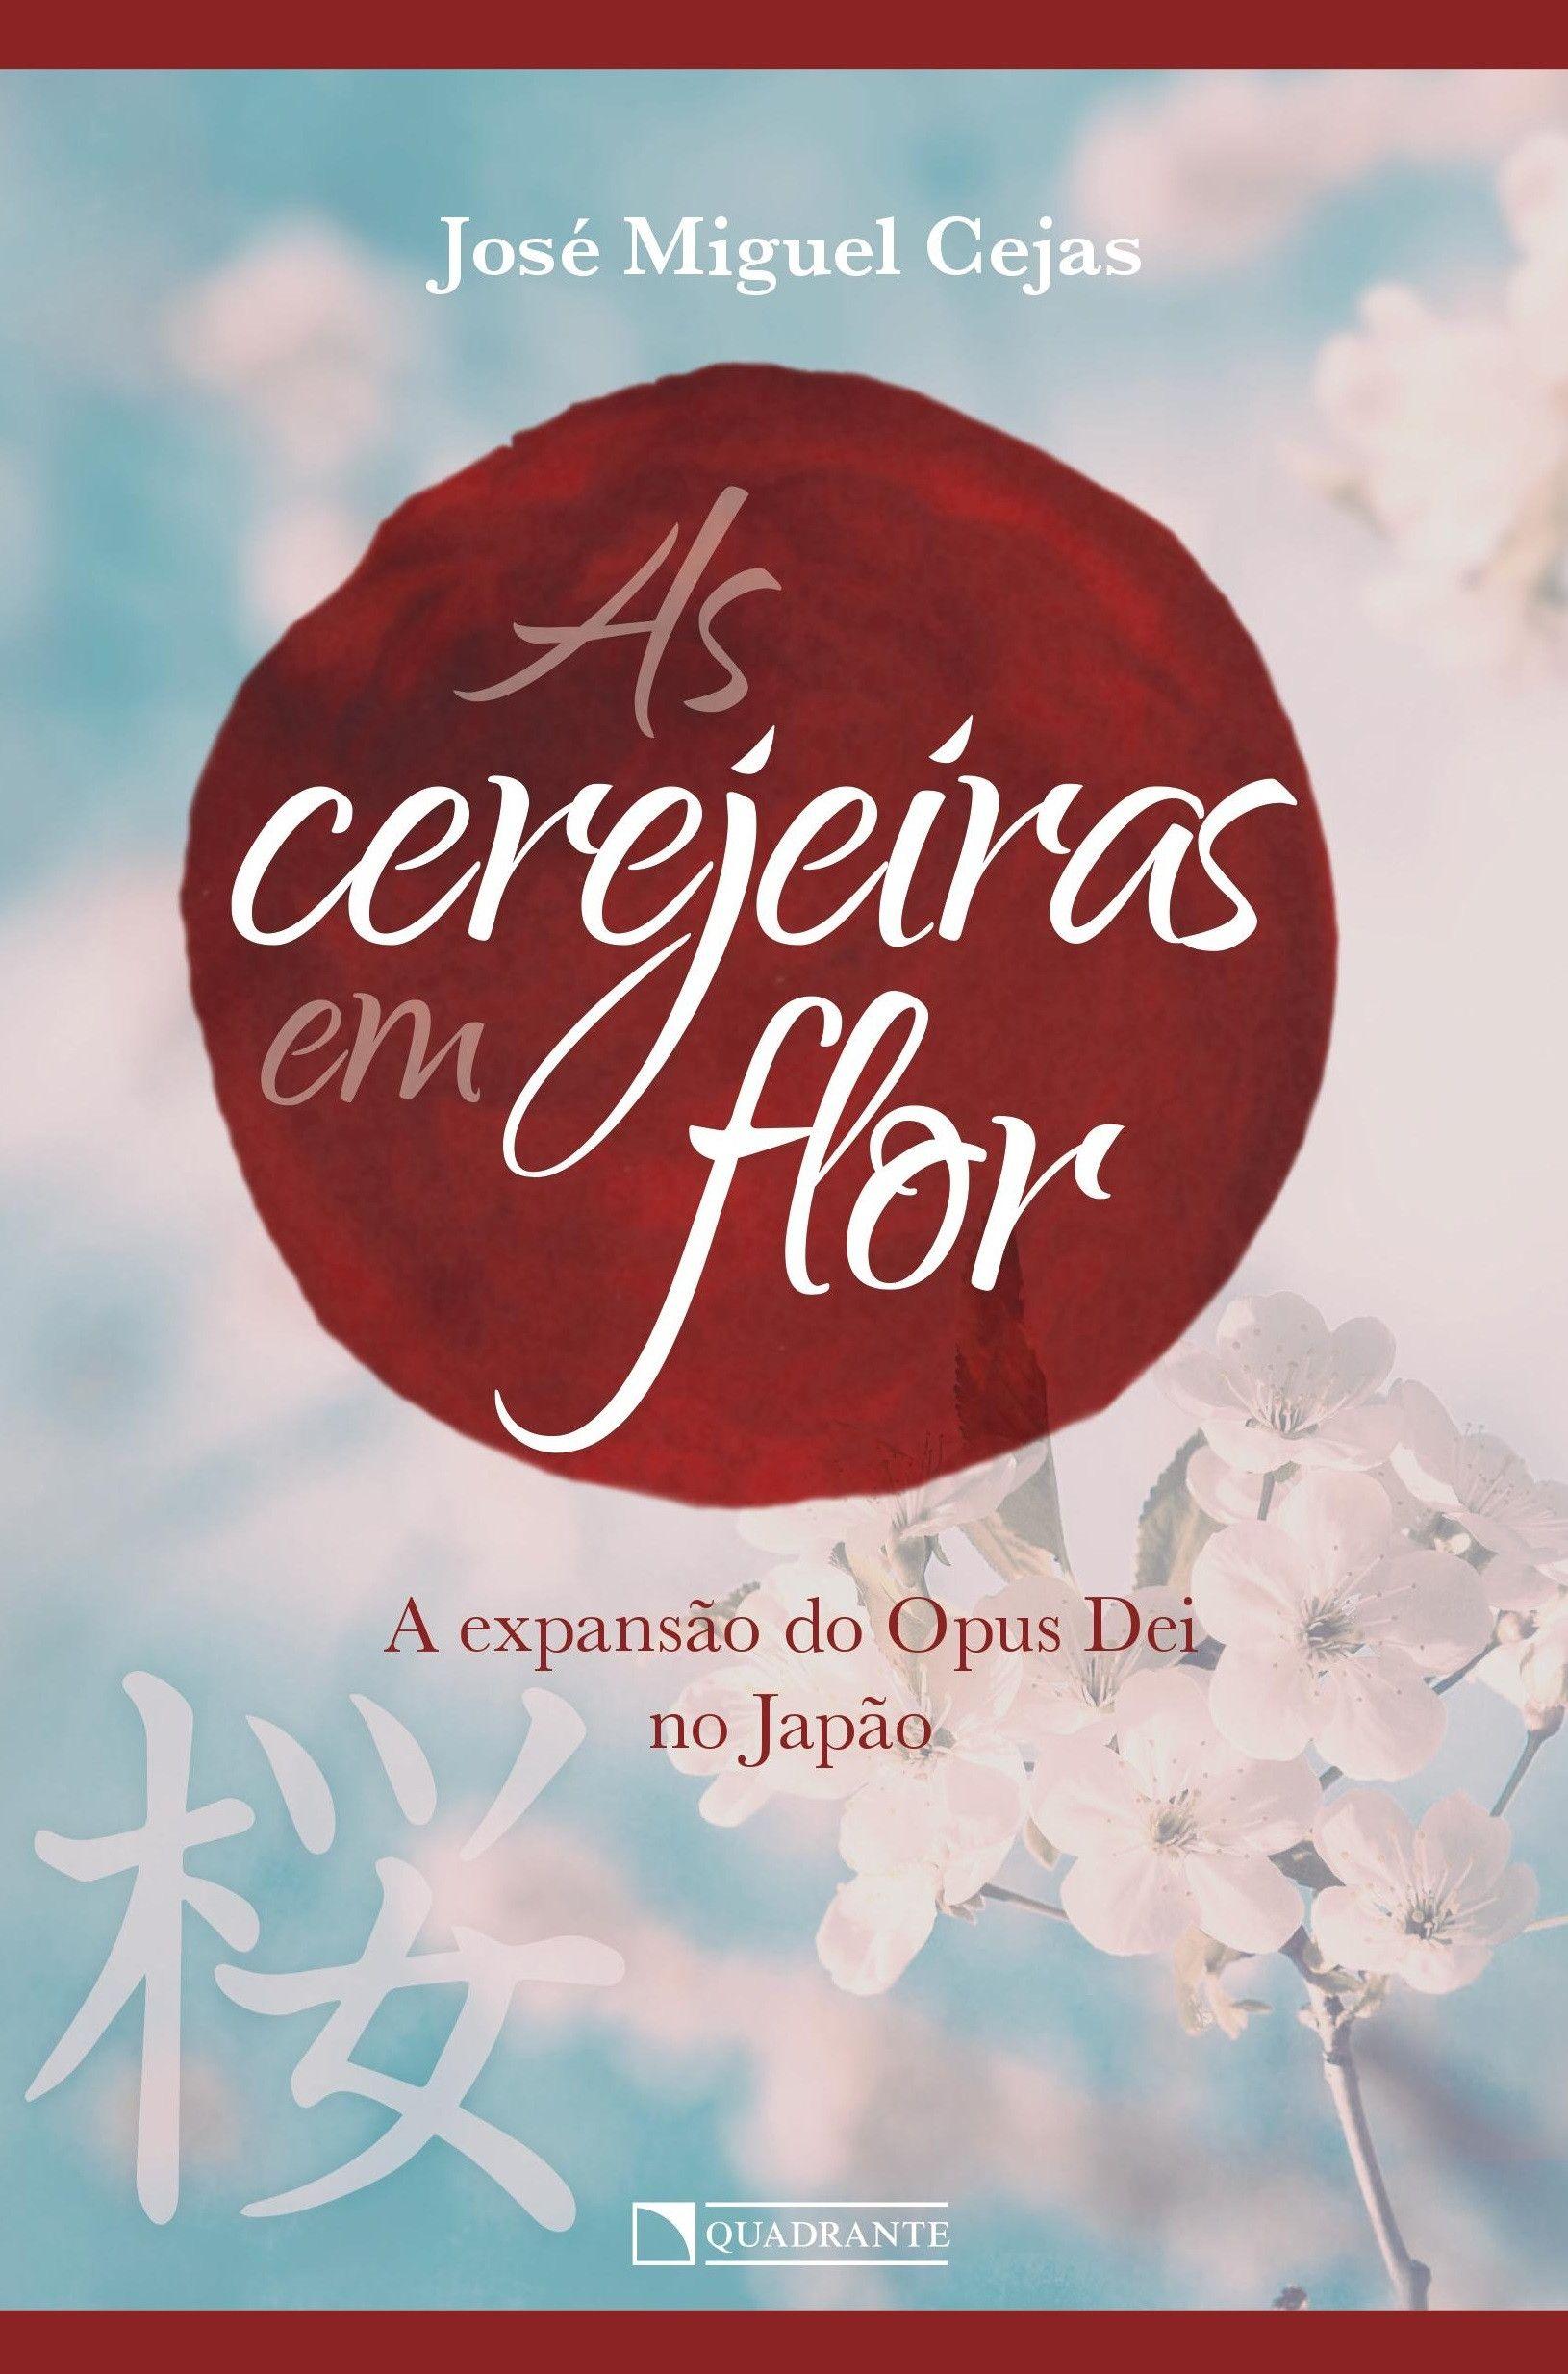 Livro As Cerejeiras em flor